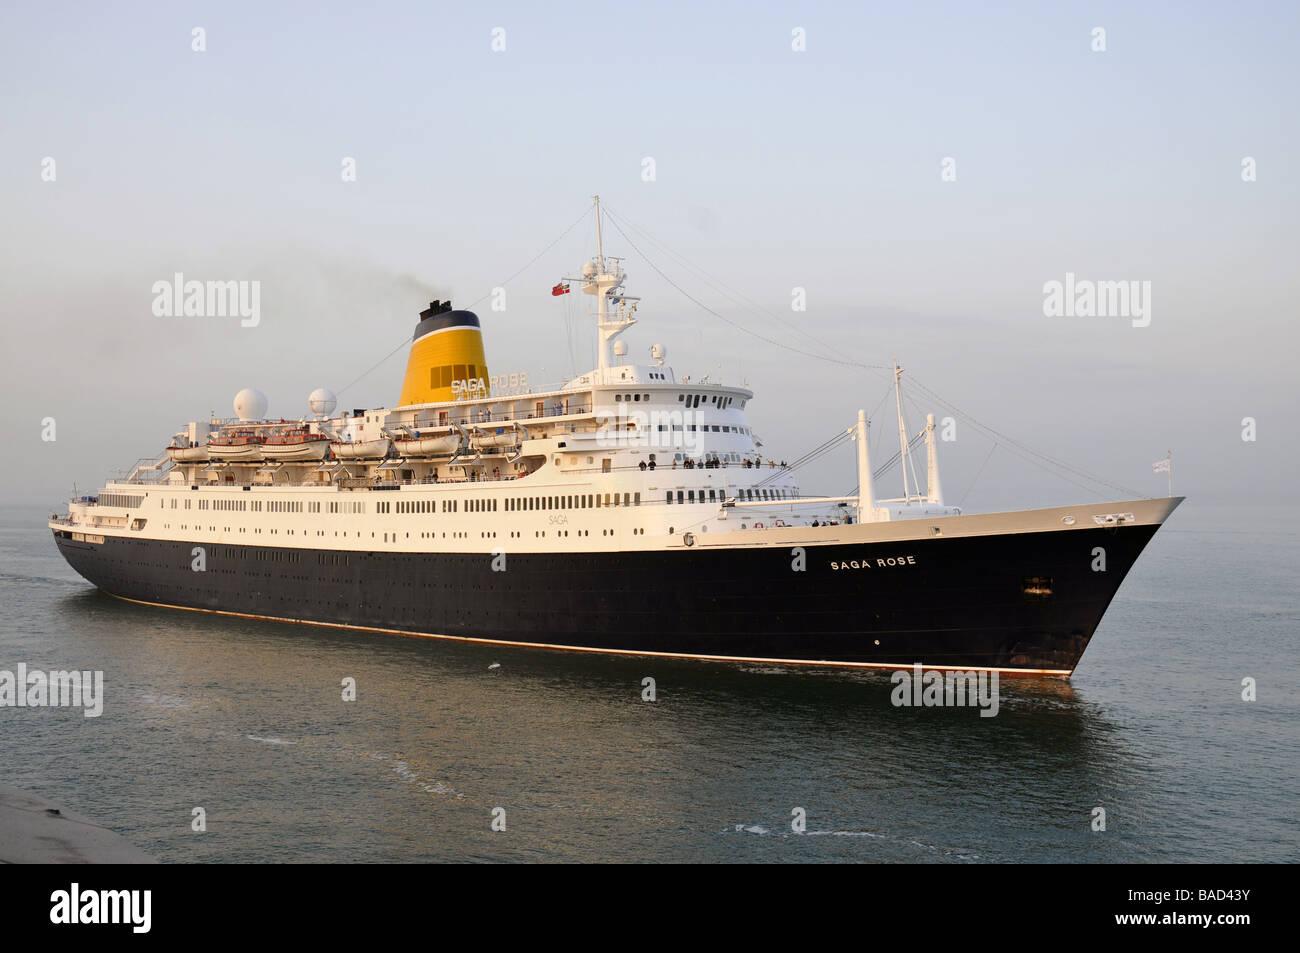 Saga Rose cruise liner - Stock Image